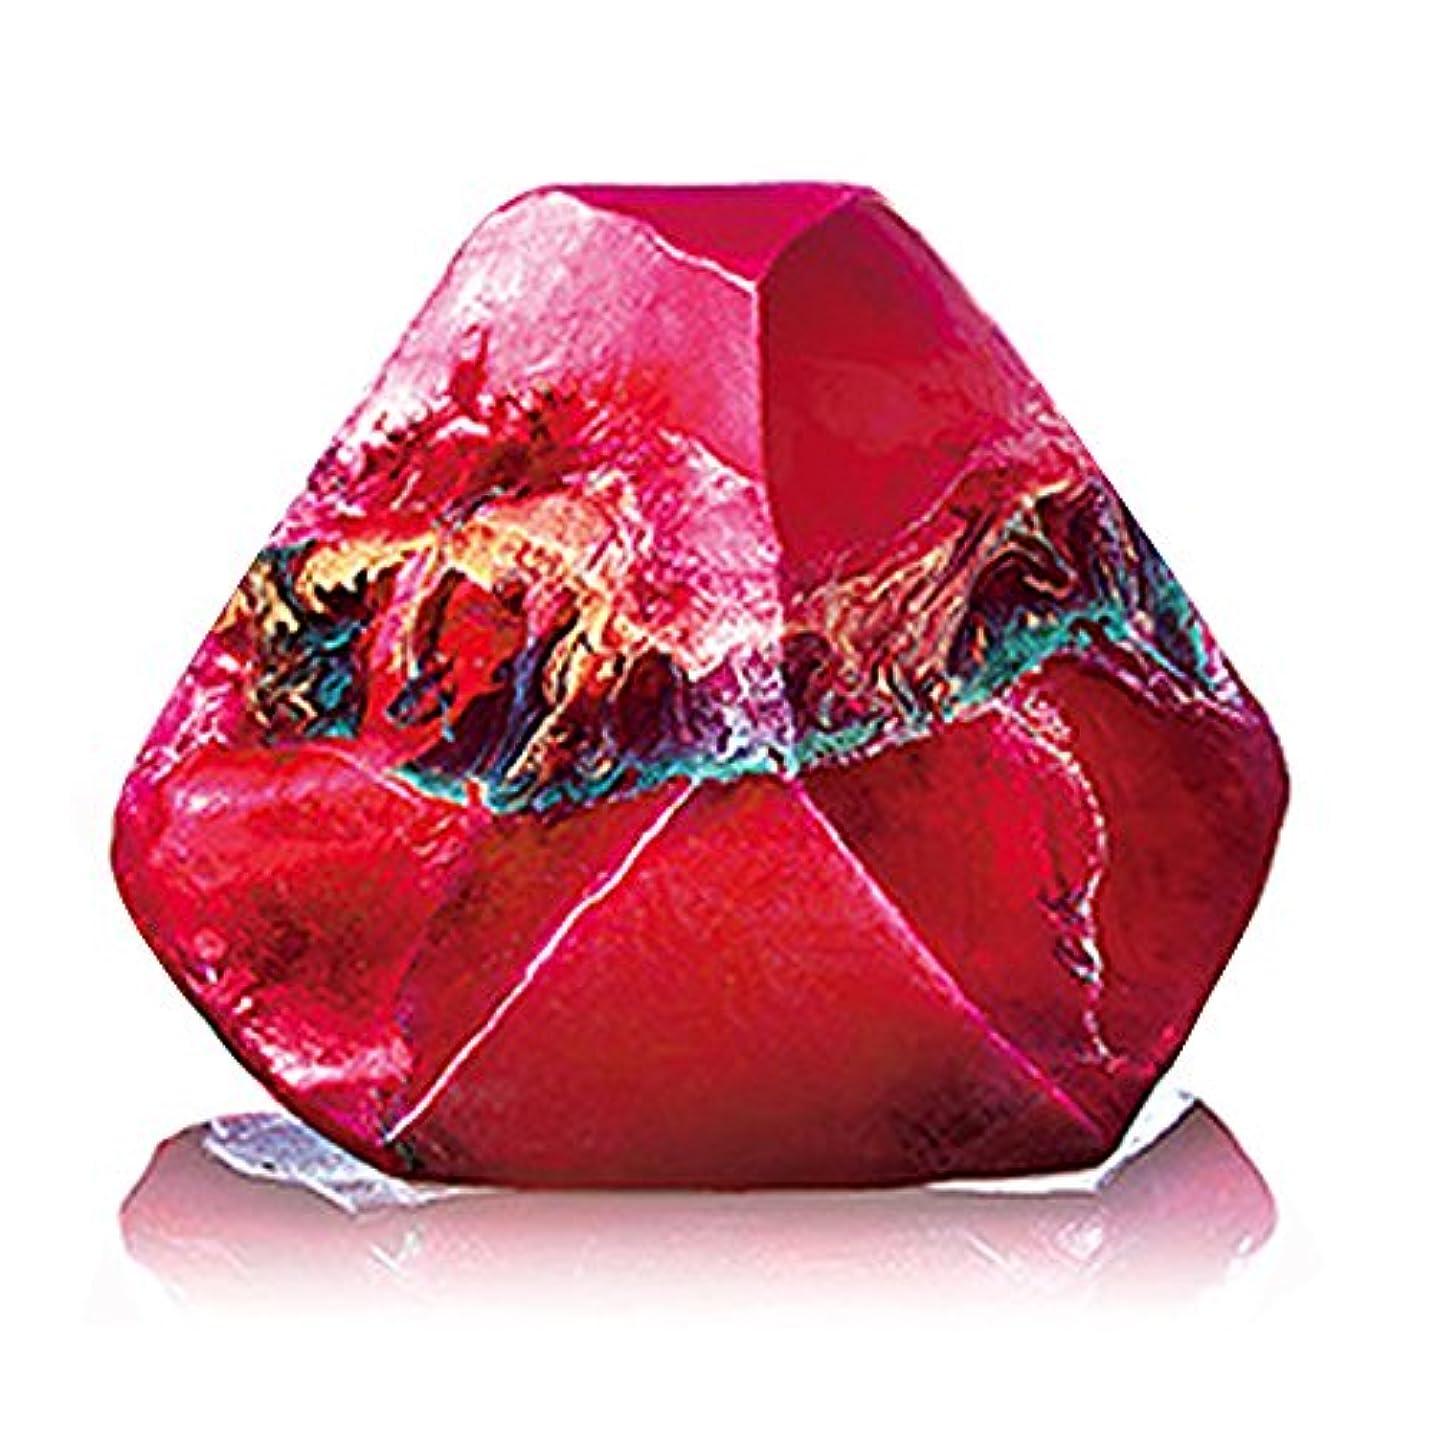 保持描写開拓者Savons Gemme サボンジェム 世界で一番美しい宝石石鹸 フレグランス ソープ ガーネット ミニ 114g